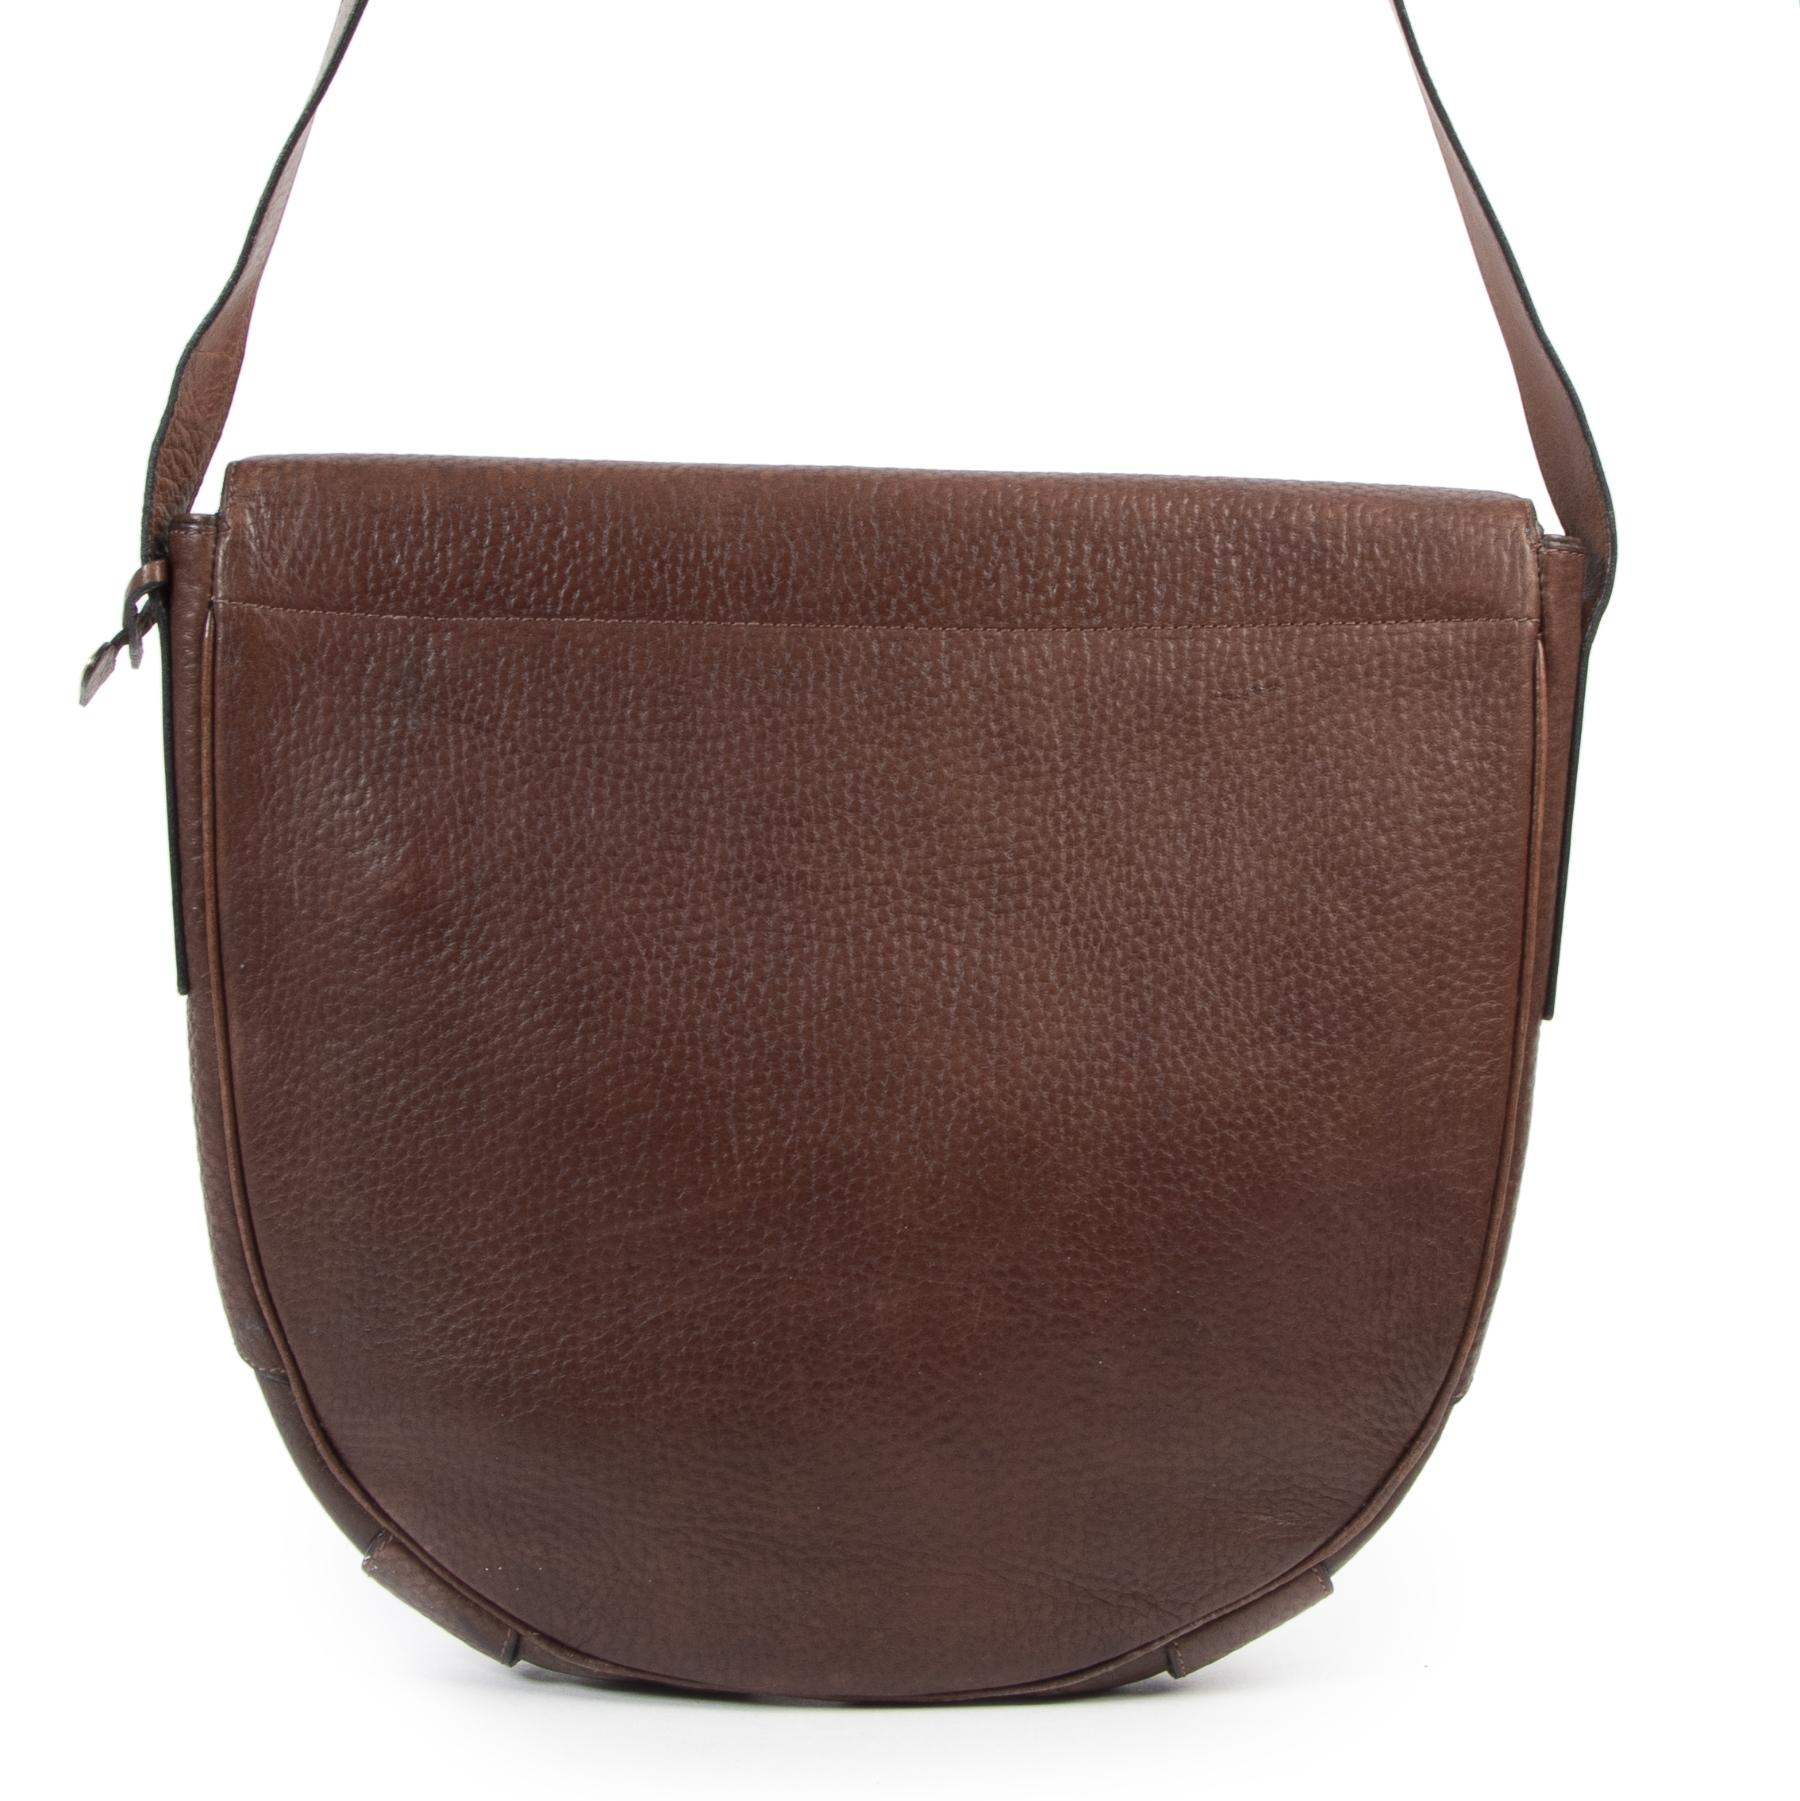 Authentieke Tweedehands Delvaux Brown Leather Flap Bag juiste prijs veilig online shoppen luxe merken webshop winkelen Antwerpen België mode fashion